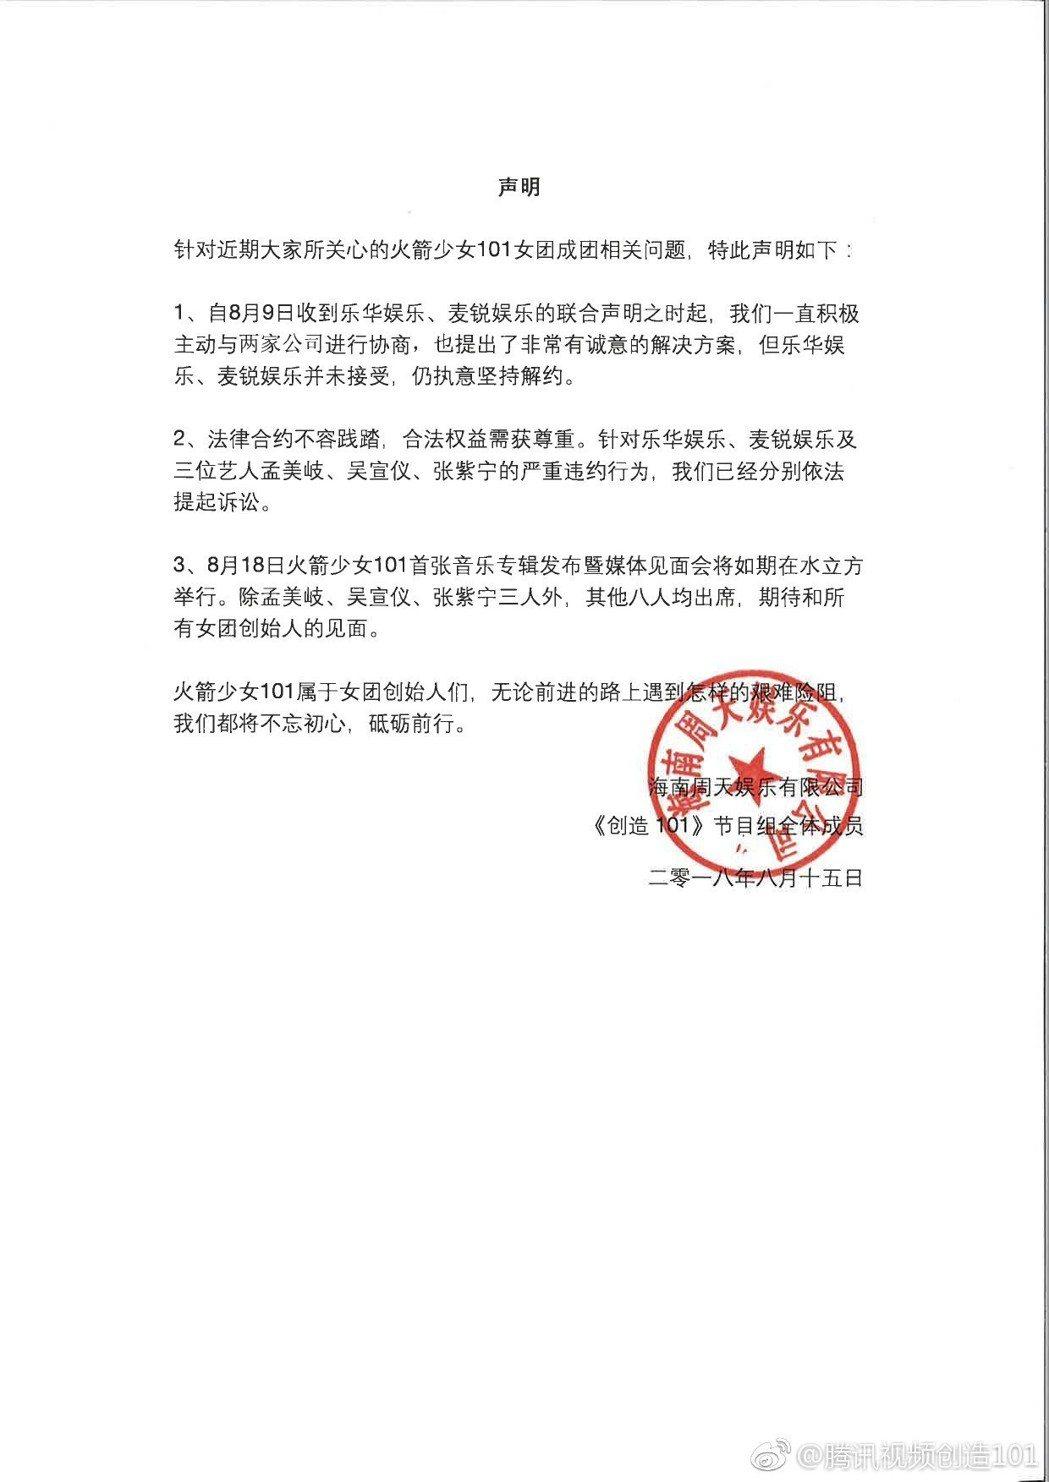 海南周天娛樂揚言提告。圖/摘自微博